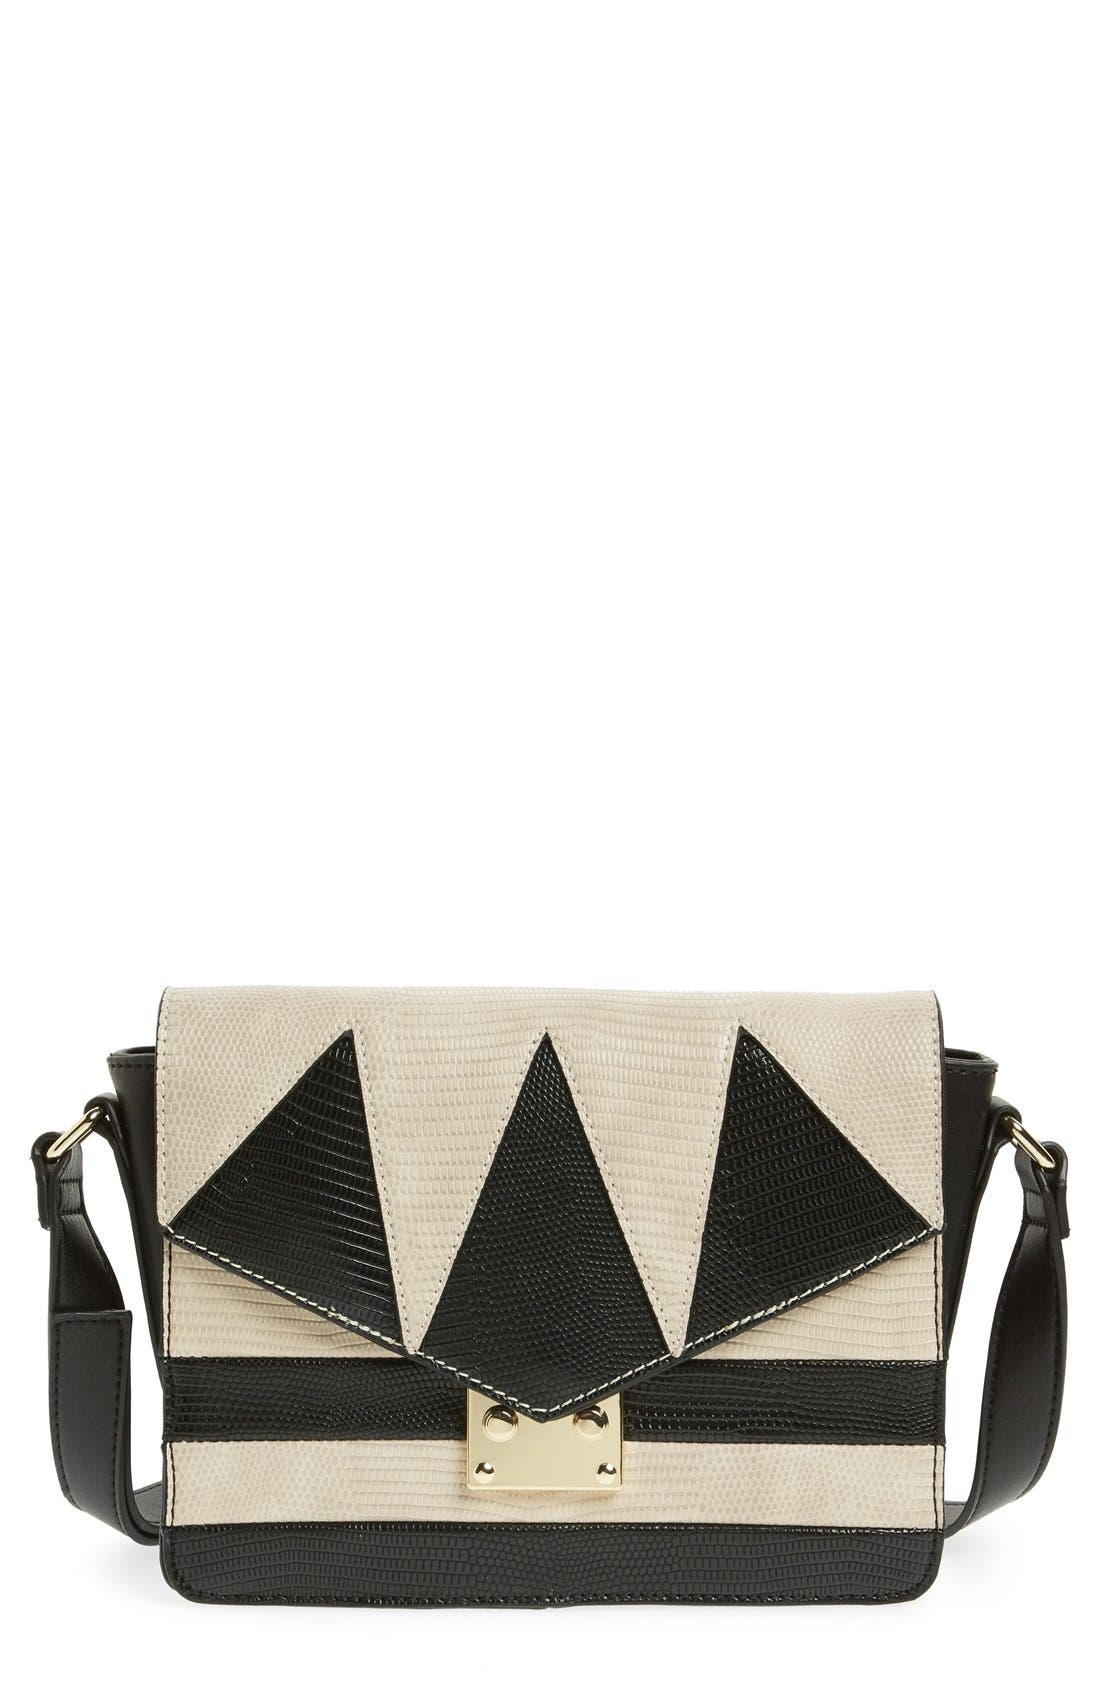 Main Image - Topshop Embossed Crossbody Bag